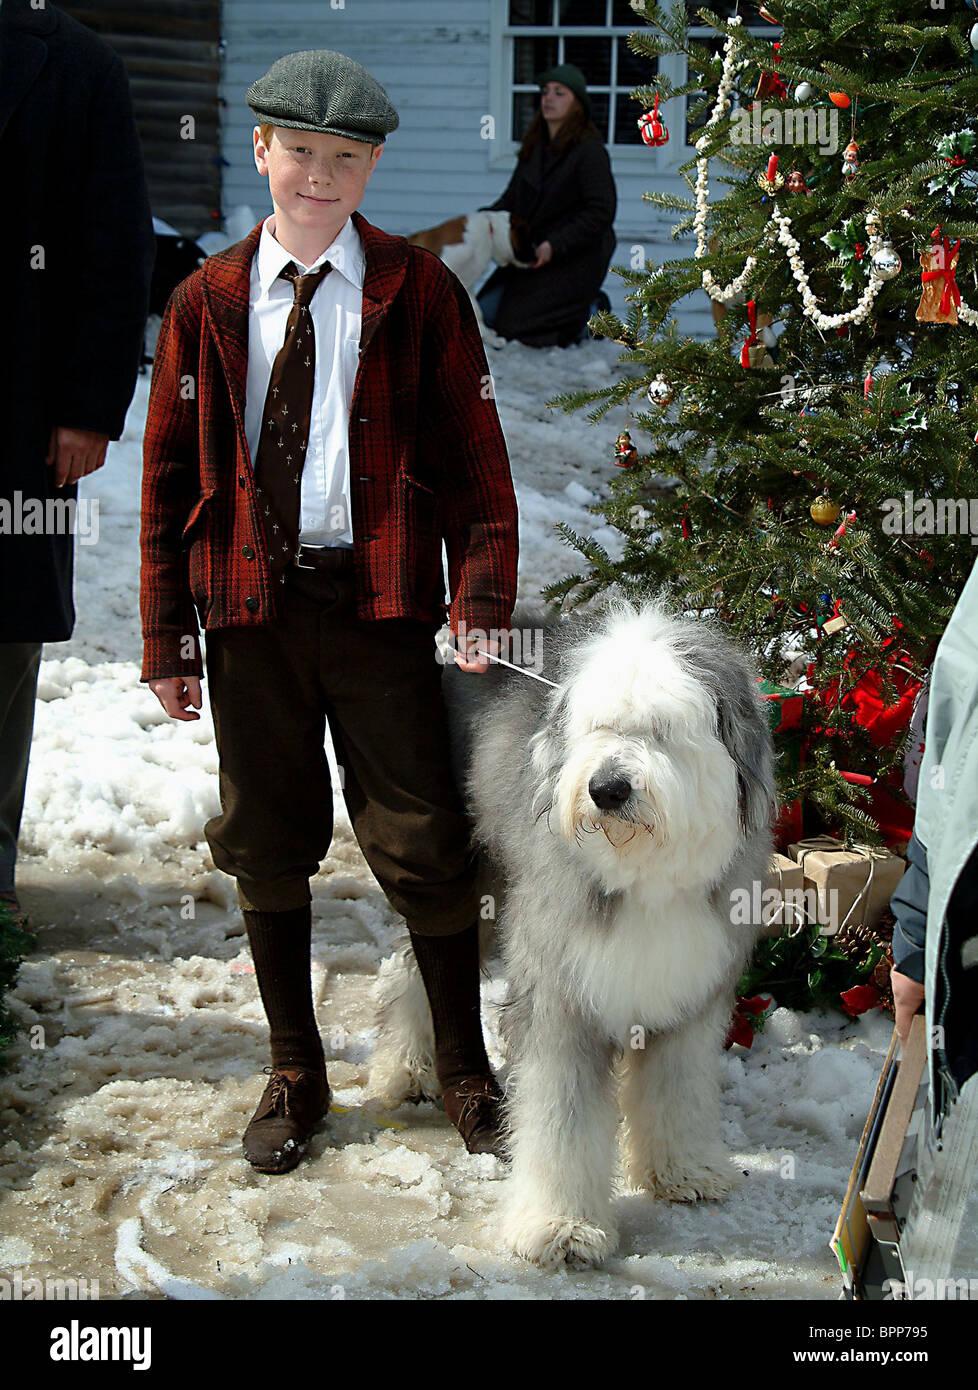 12 Dogs Of Christmas.Adam Hicks Dog The 12 Dogs Of Christmas 2005 Stock Photo